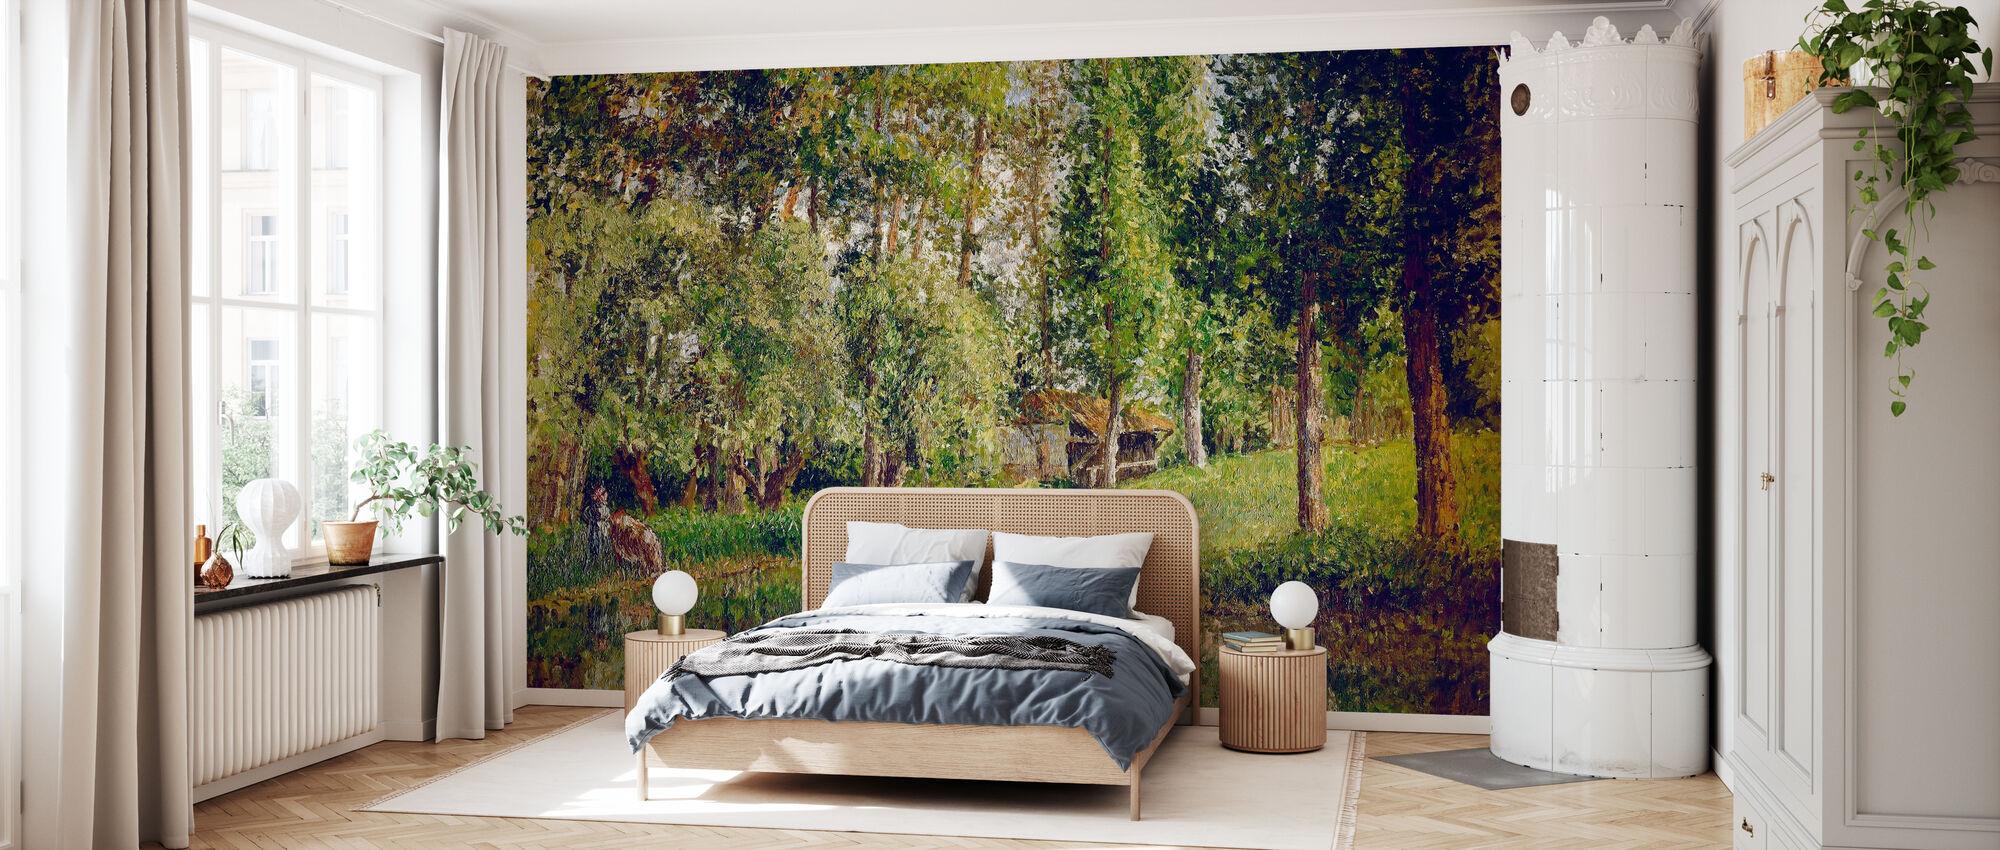 Waschhaus in Bazincourt - Camille Pissarro - Tapete - Schlafzimmer